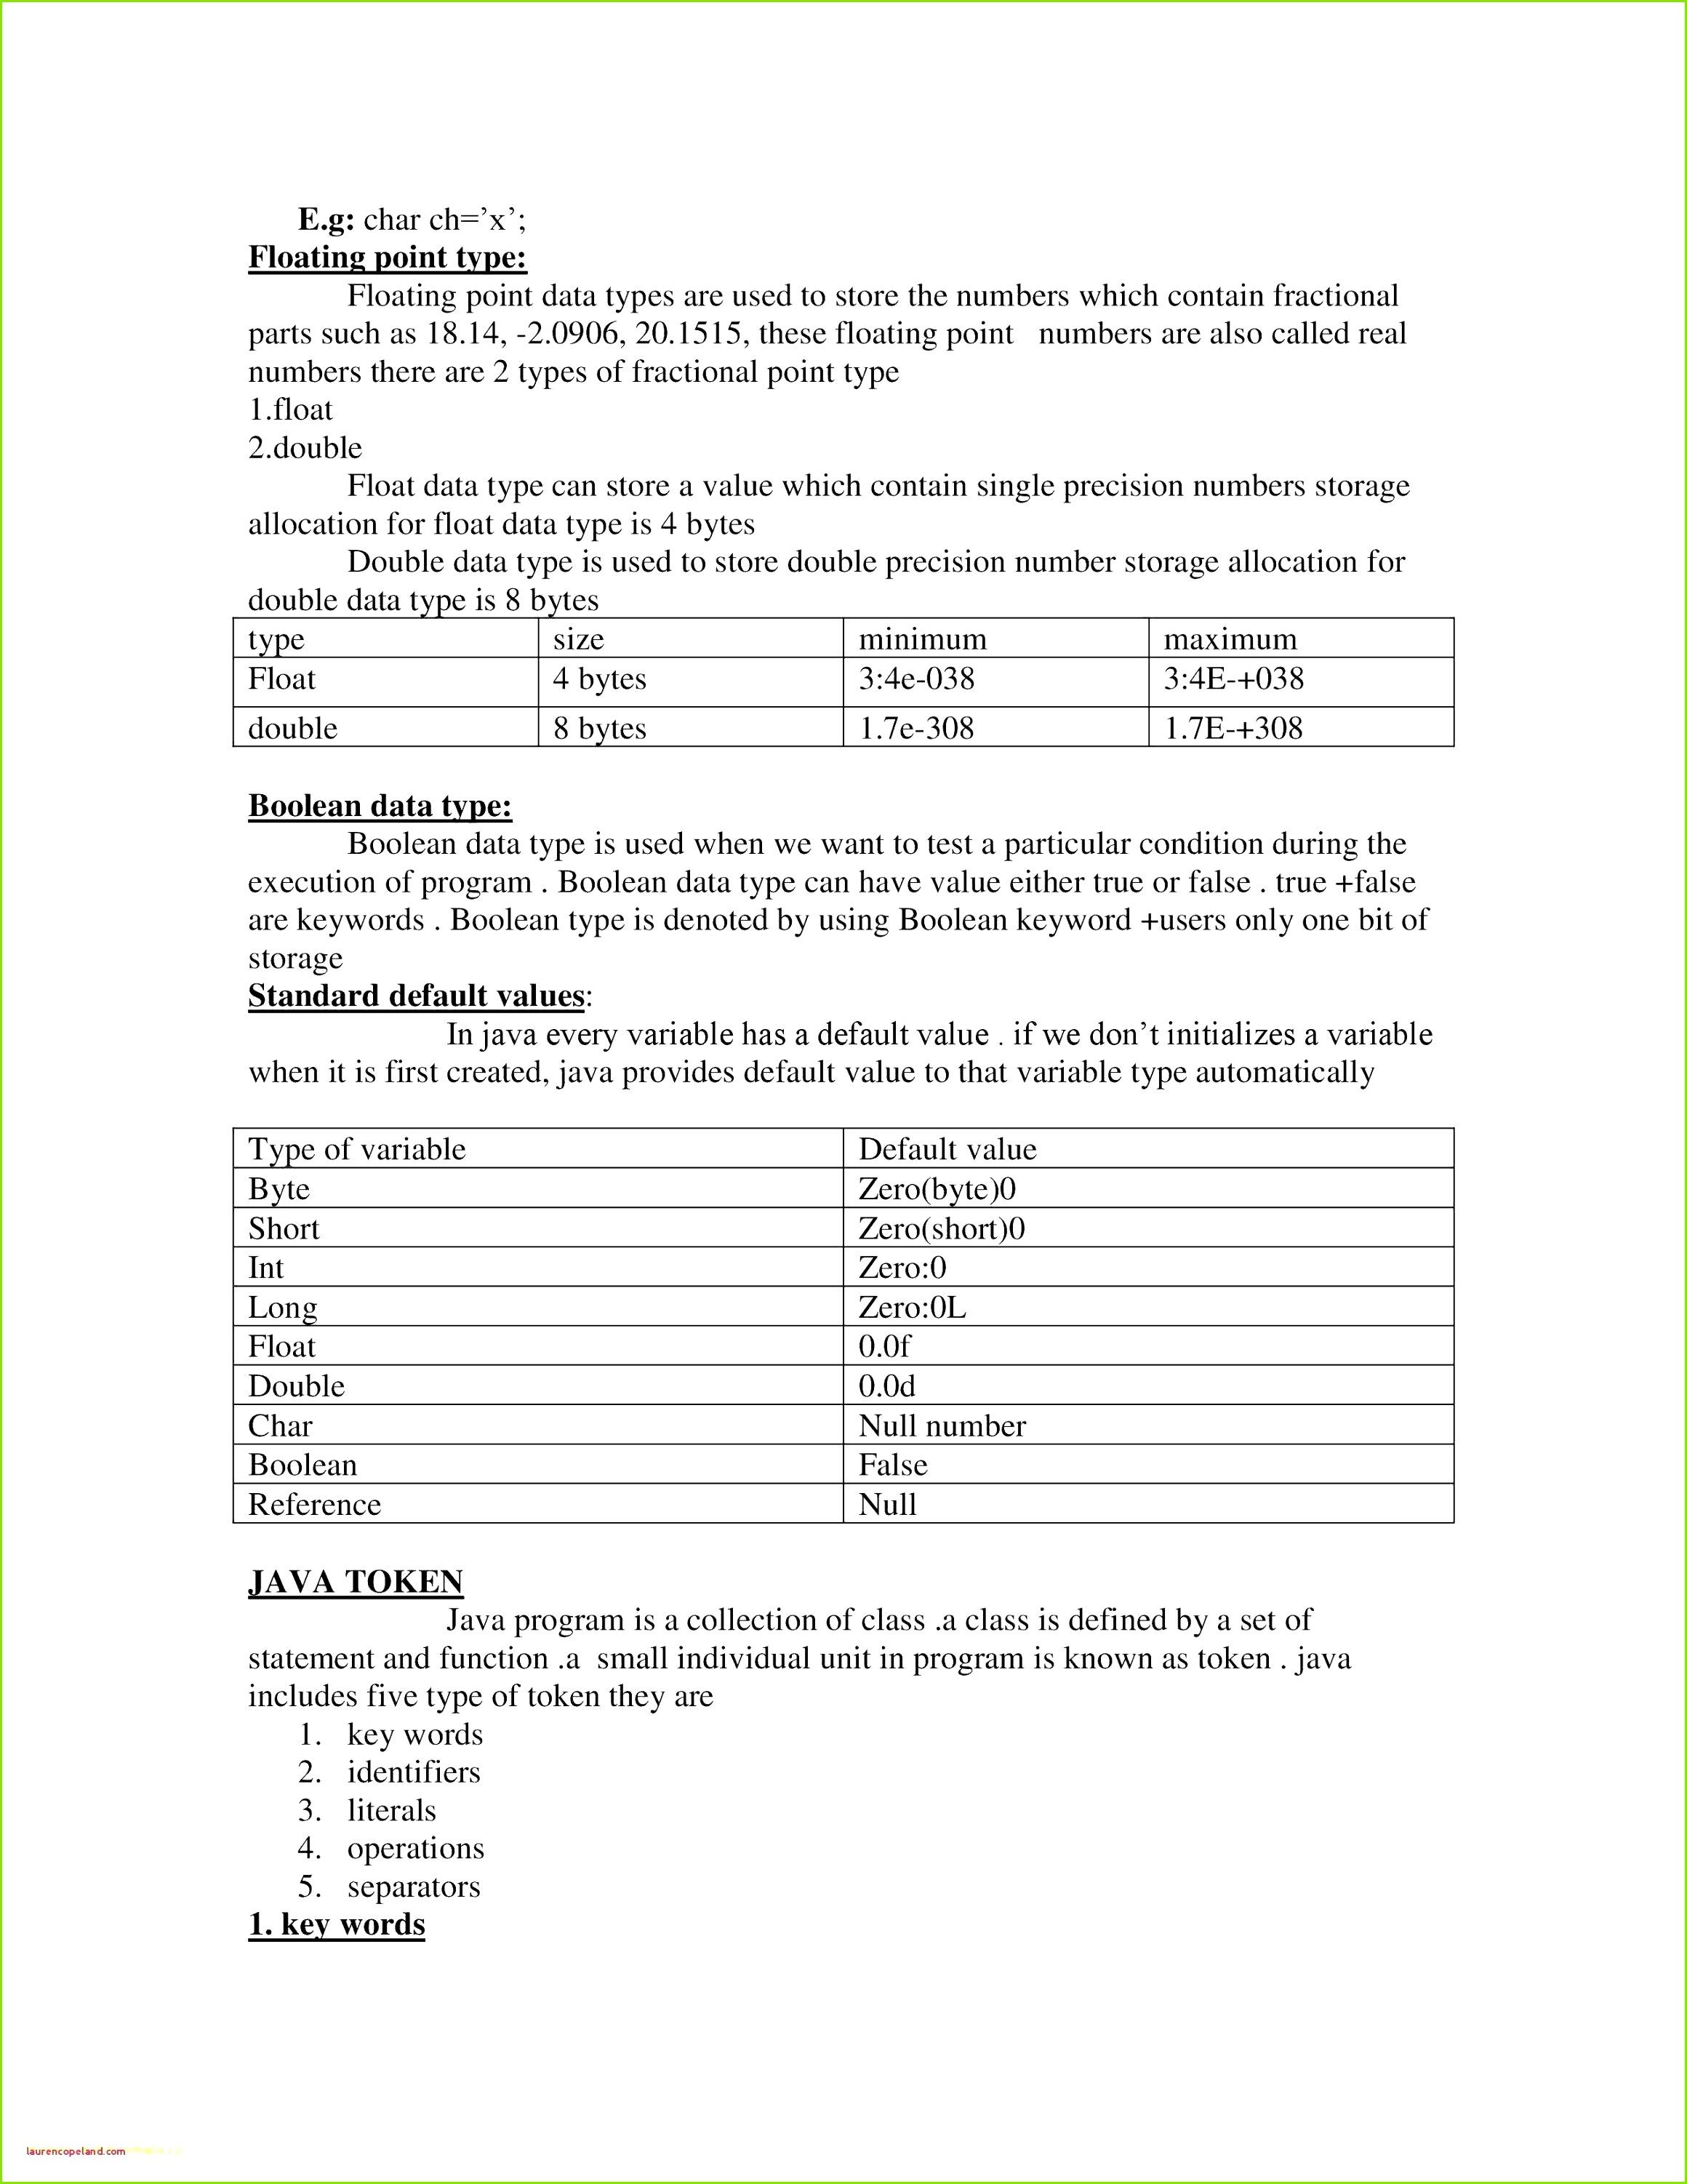 Arbeitsschutzbelehrung Vorlage Herunterladbare Dienstplan Excel Vorlage Download Quittung Miete Vorlage 2018 08